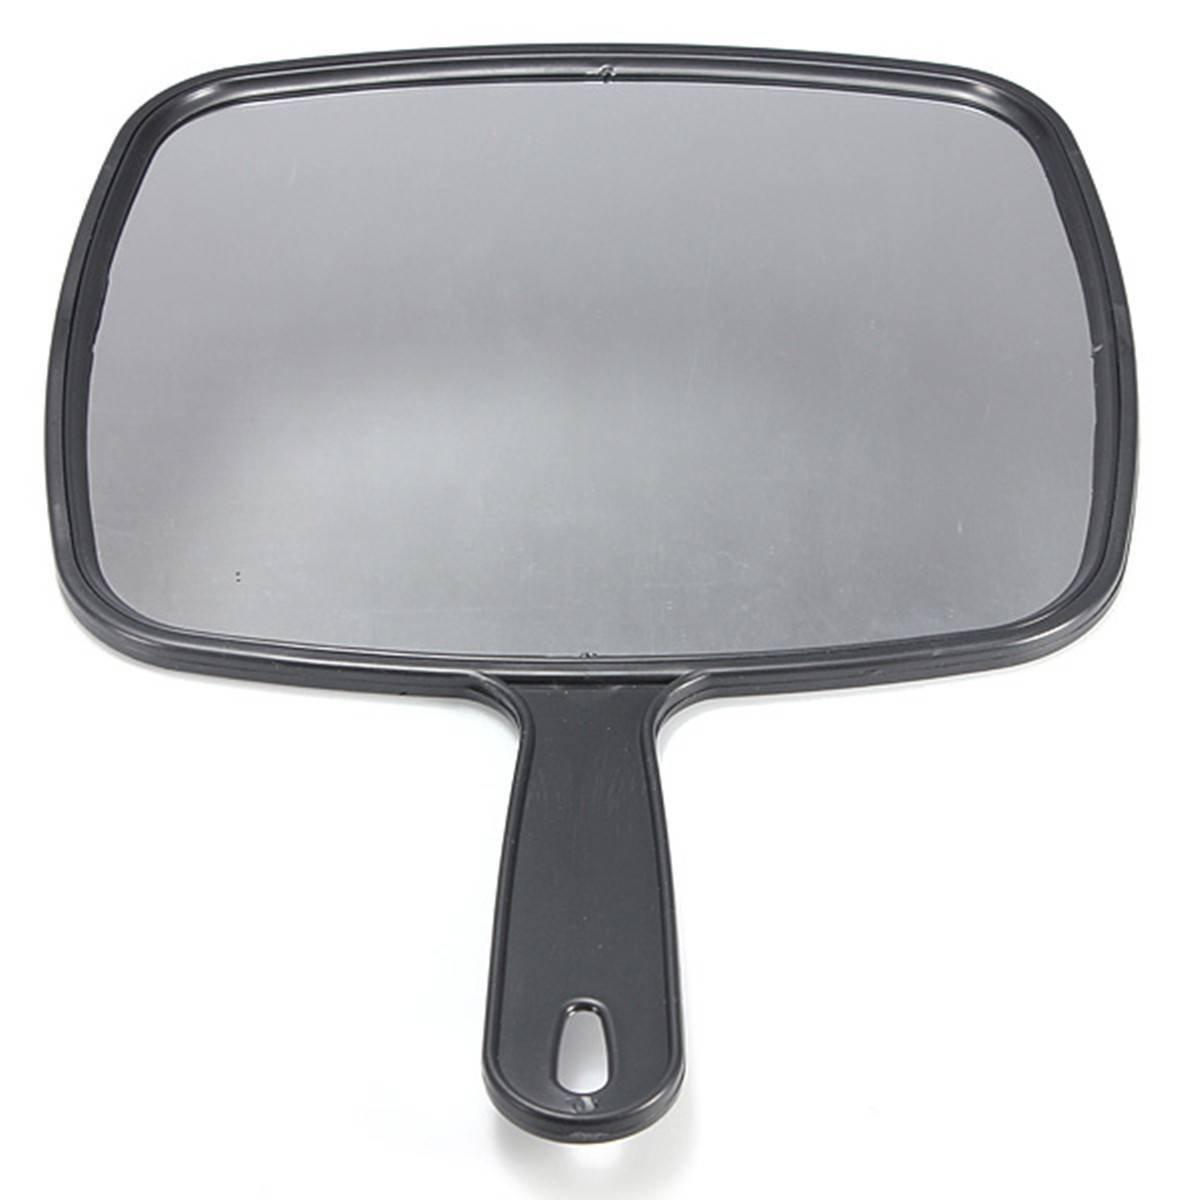 Asien mano capelli Held spogliatoio Salon Barbieri Parrucchieri Paddle Strumento Specchio con manico nero Make Up parrucchiere